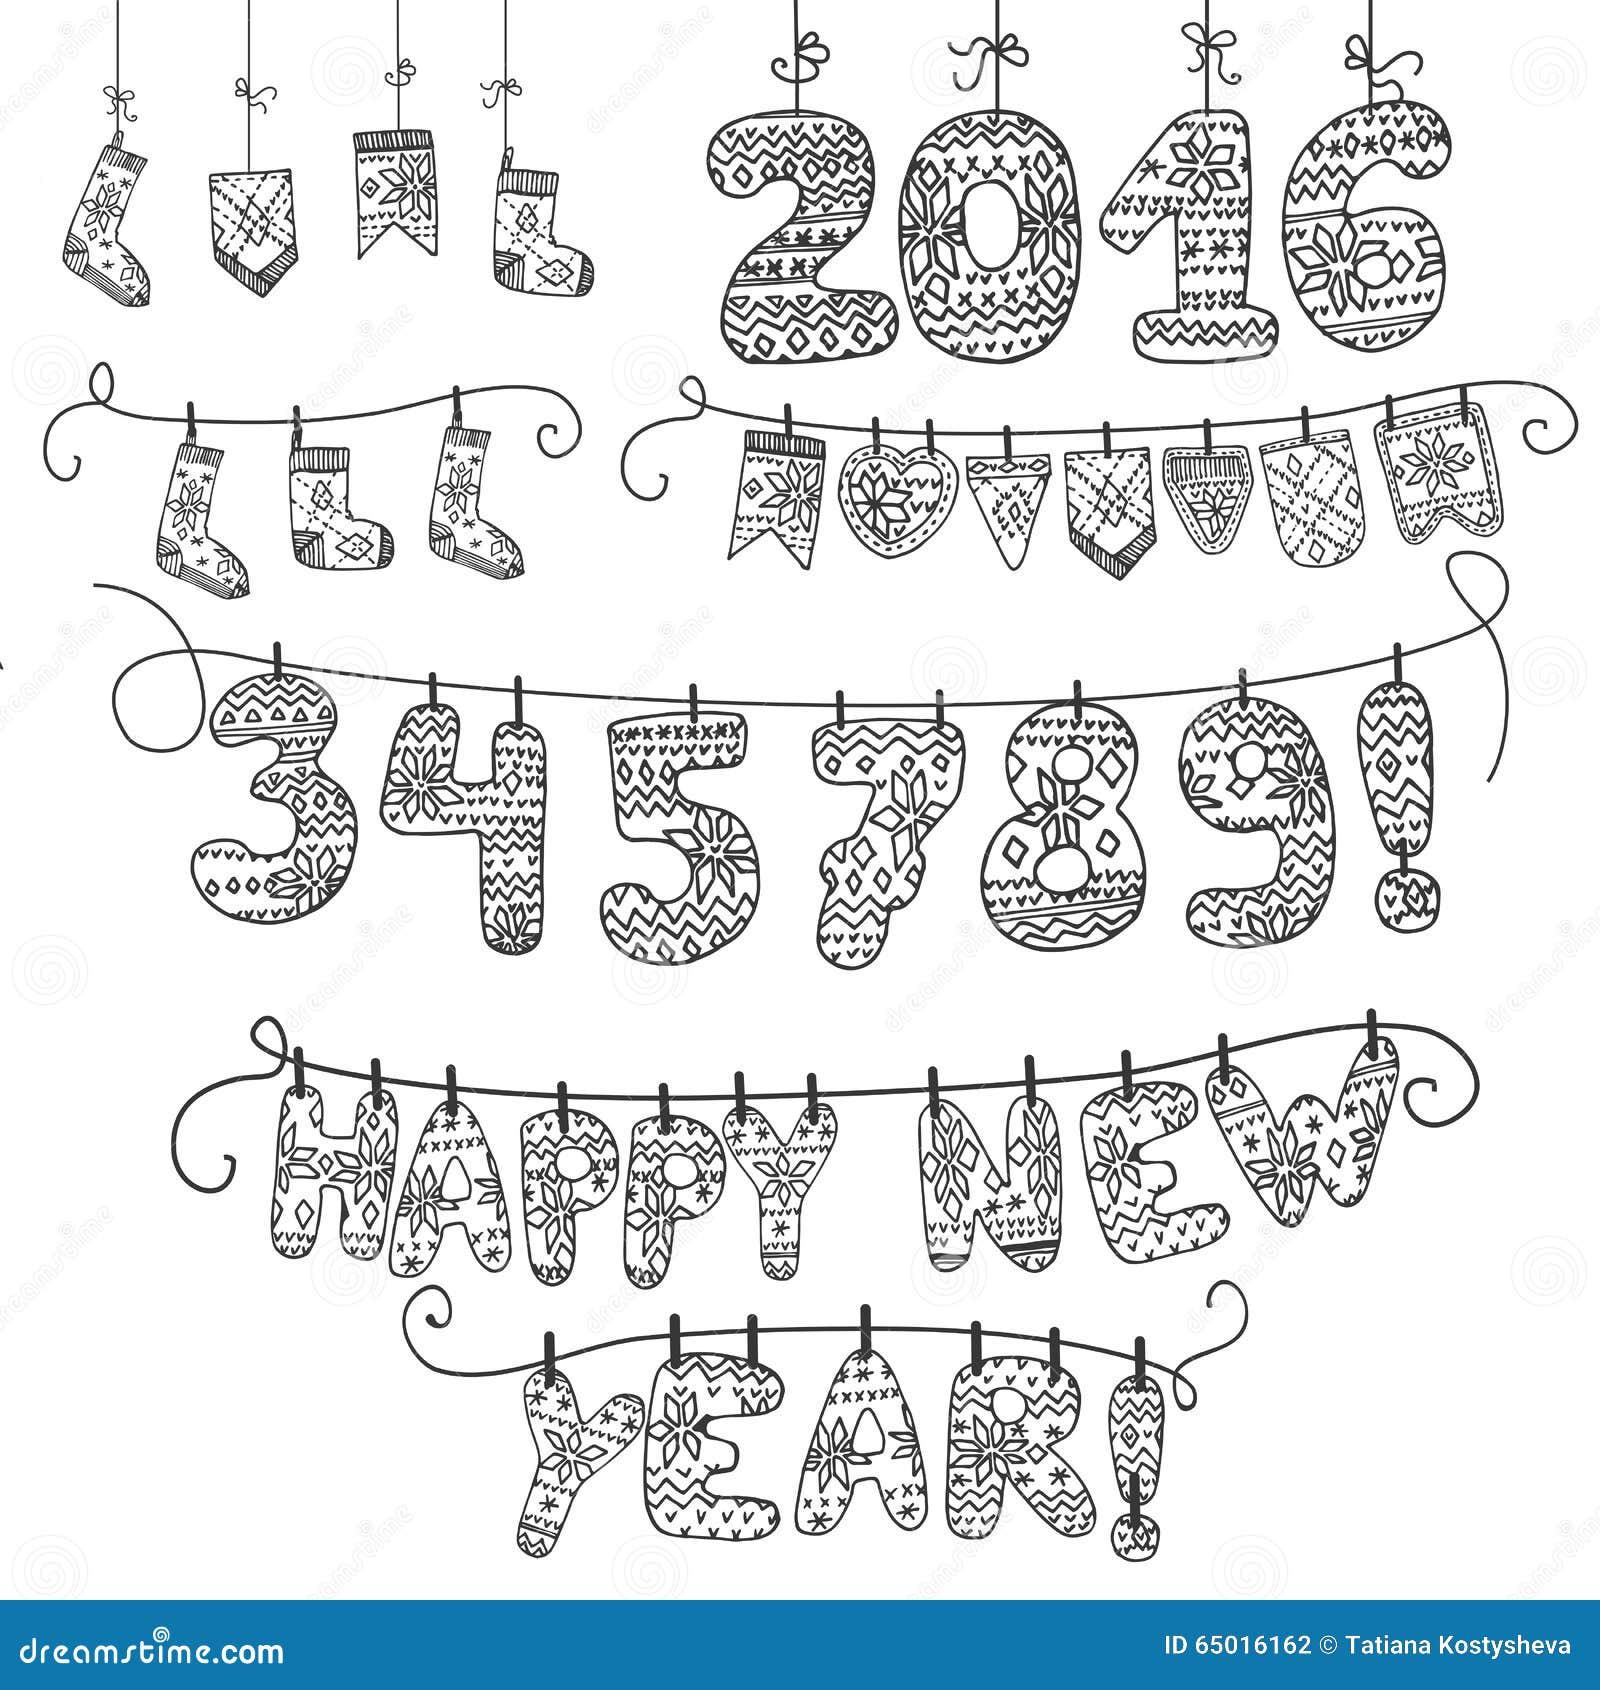 Гирлянда Новый Год Связанные номера, носки, письма 2016 линейно